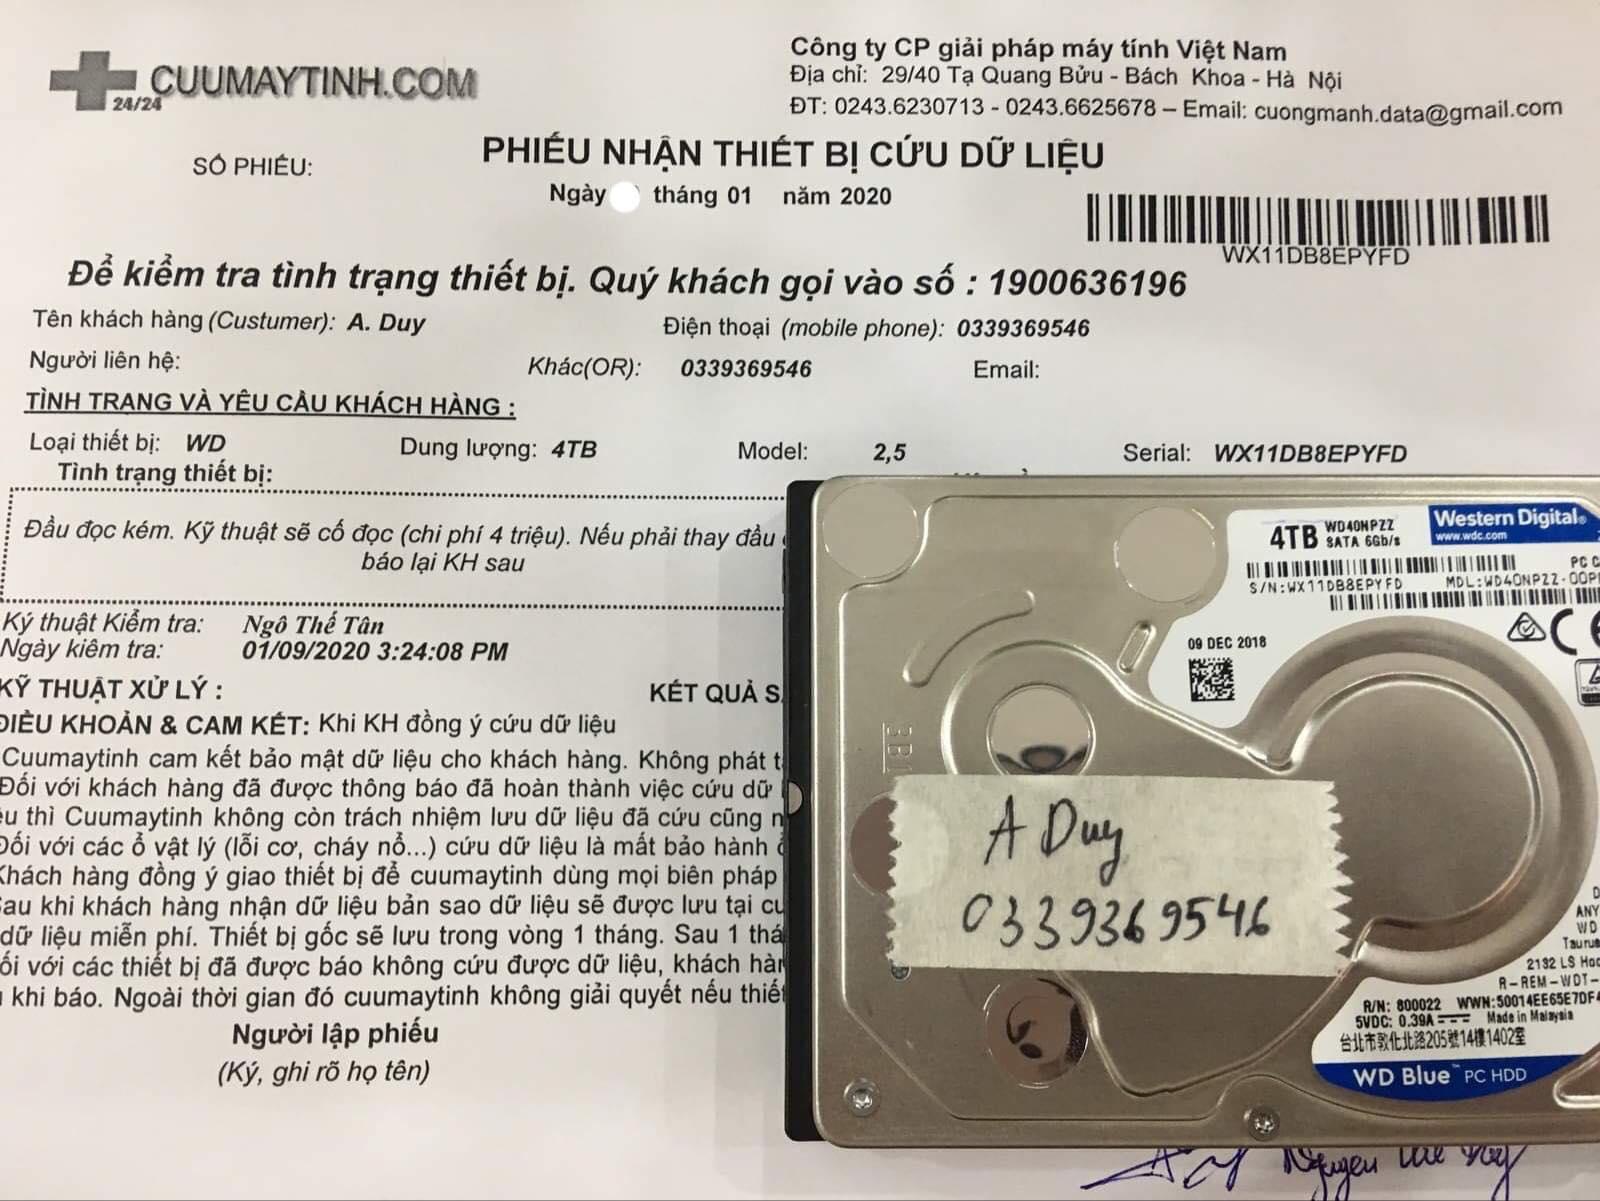 Lấy dữ liệu ổ cứng Western 4TB đầu đọc kém 15/01/2020 - cuumaytinh